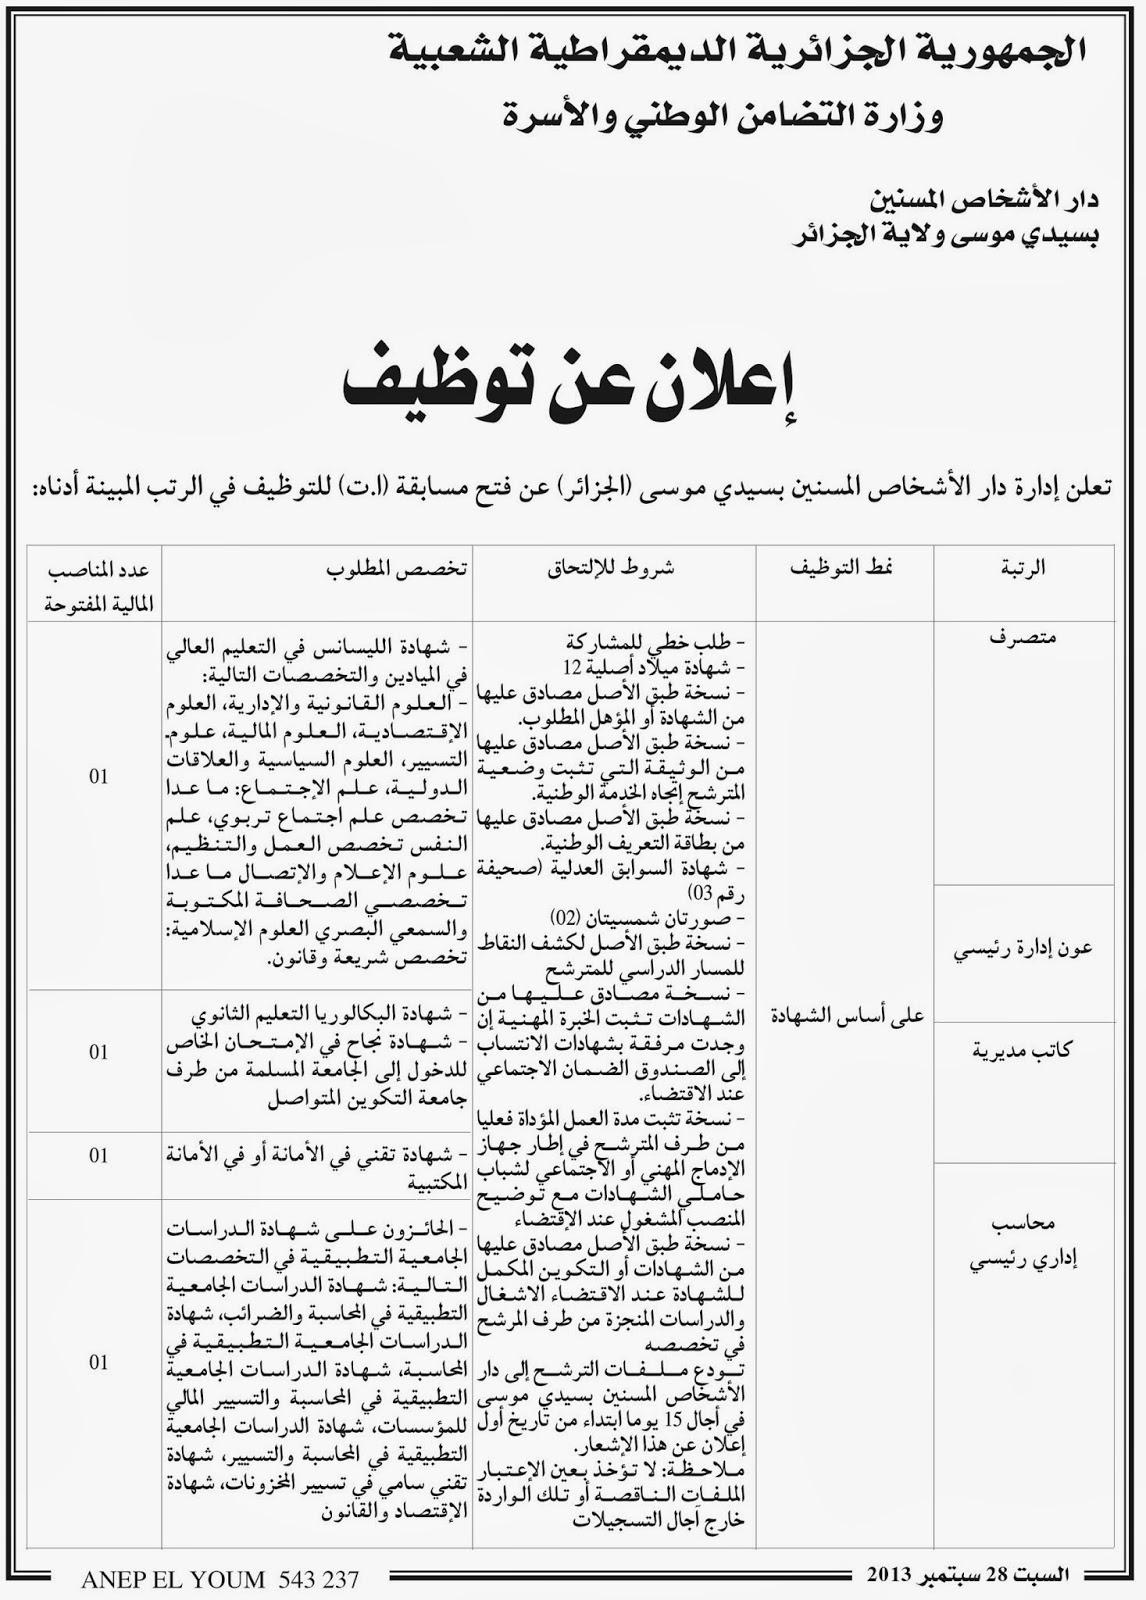 التوظيف في الجزائر : مسابقة توظيف بسيدي موسى في العاصمة سبتمبر 2013 fonction publique Recrutement+en+alger+2013-2014